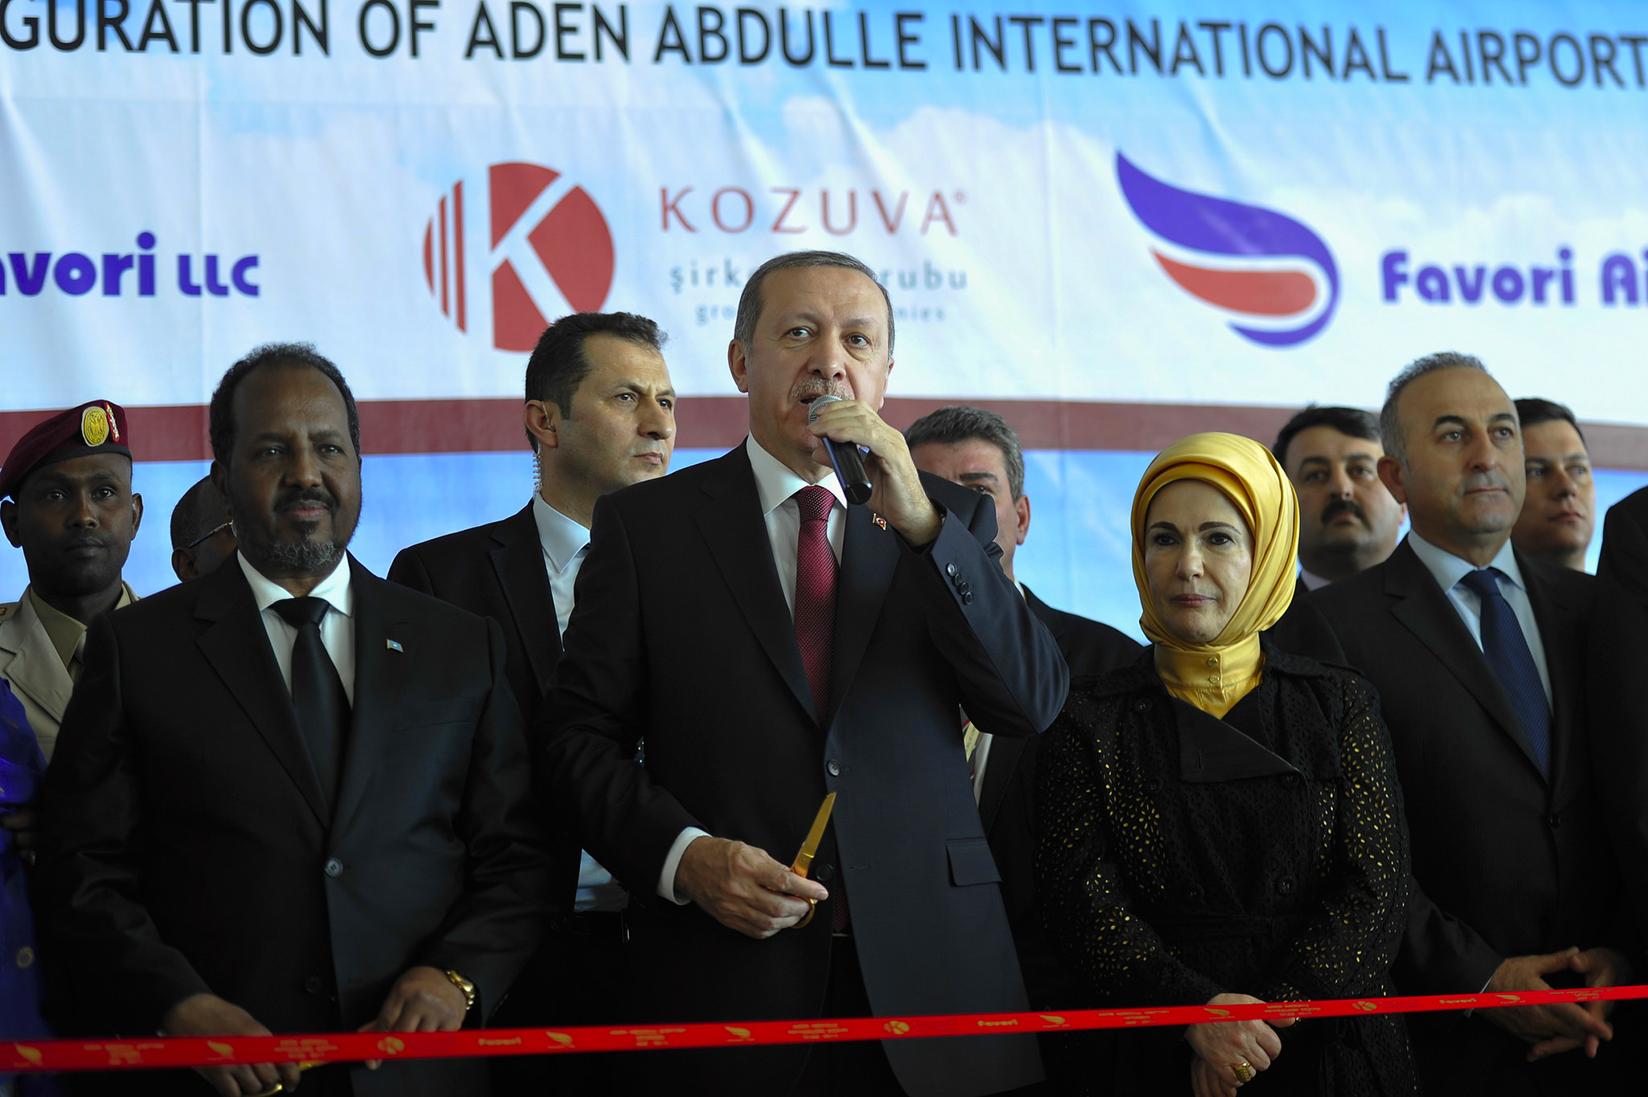 Erdoğan Mogadişu'da Aden Abdulle Uluslararası Havaalanı'nın Yeni Terminalinin Açılışında